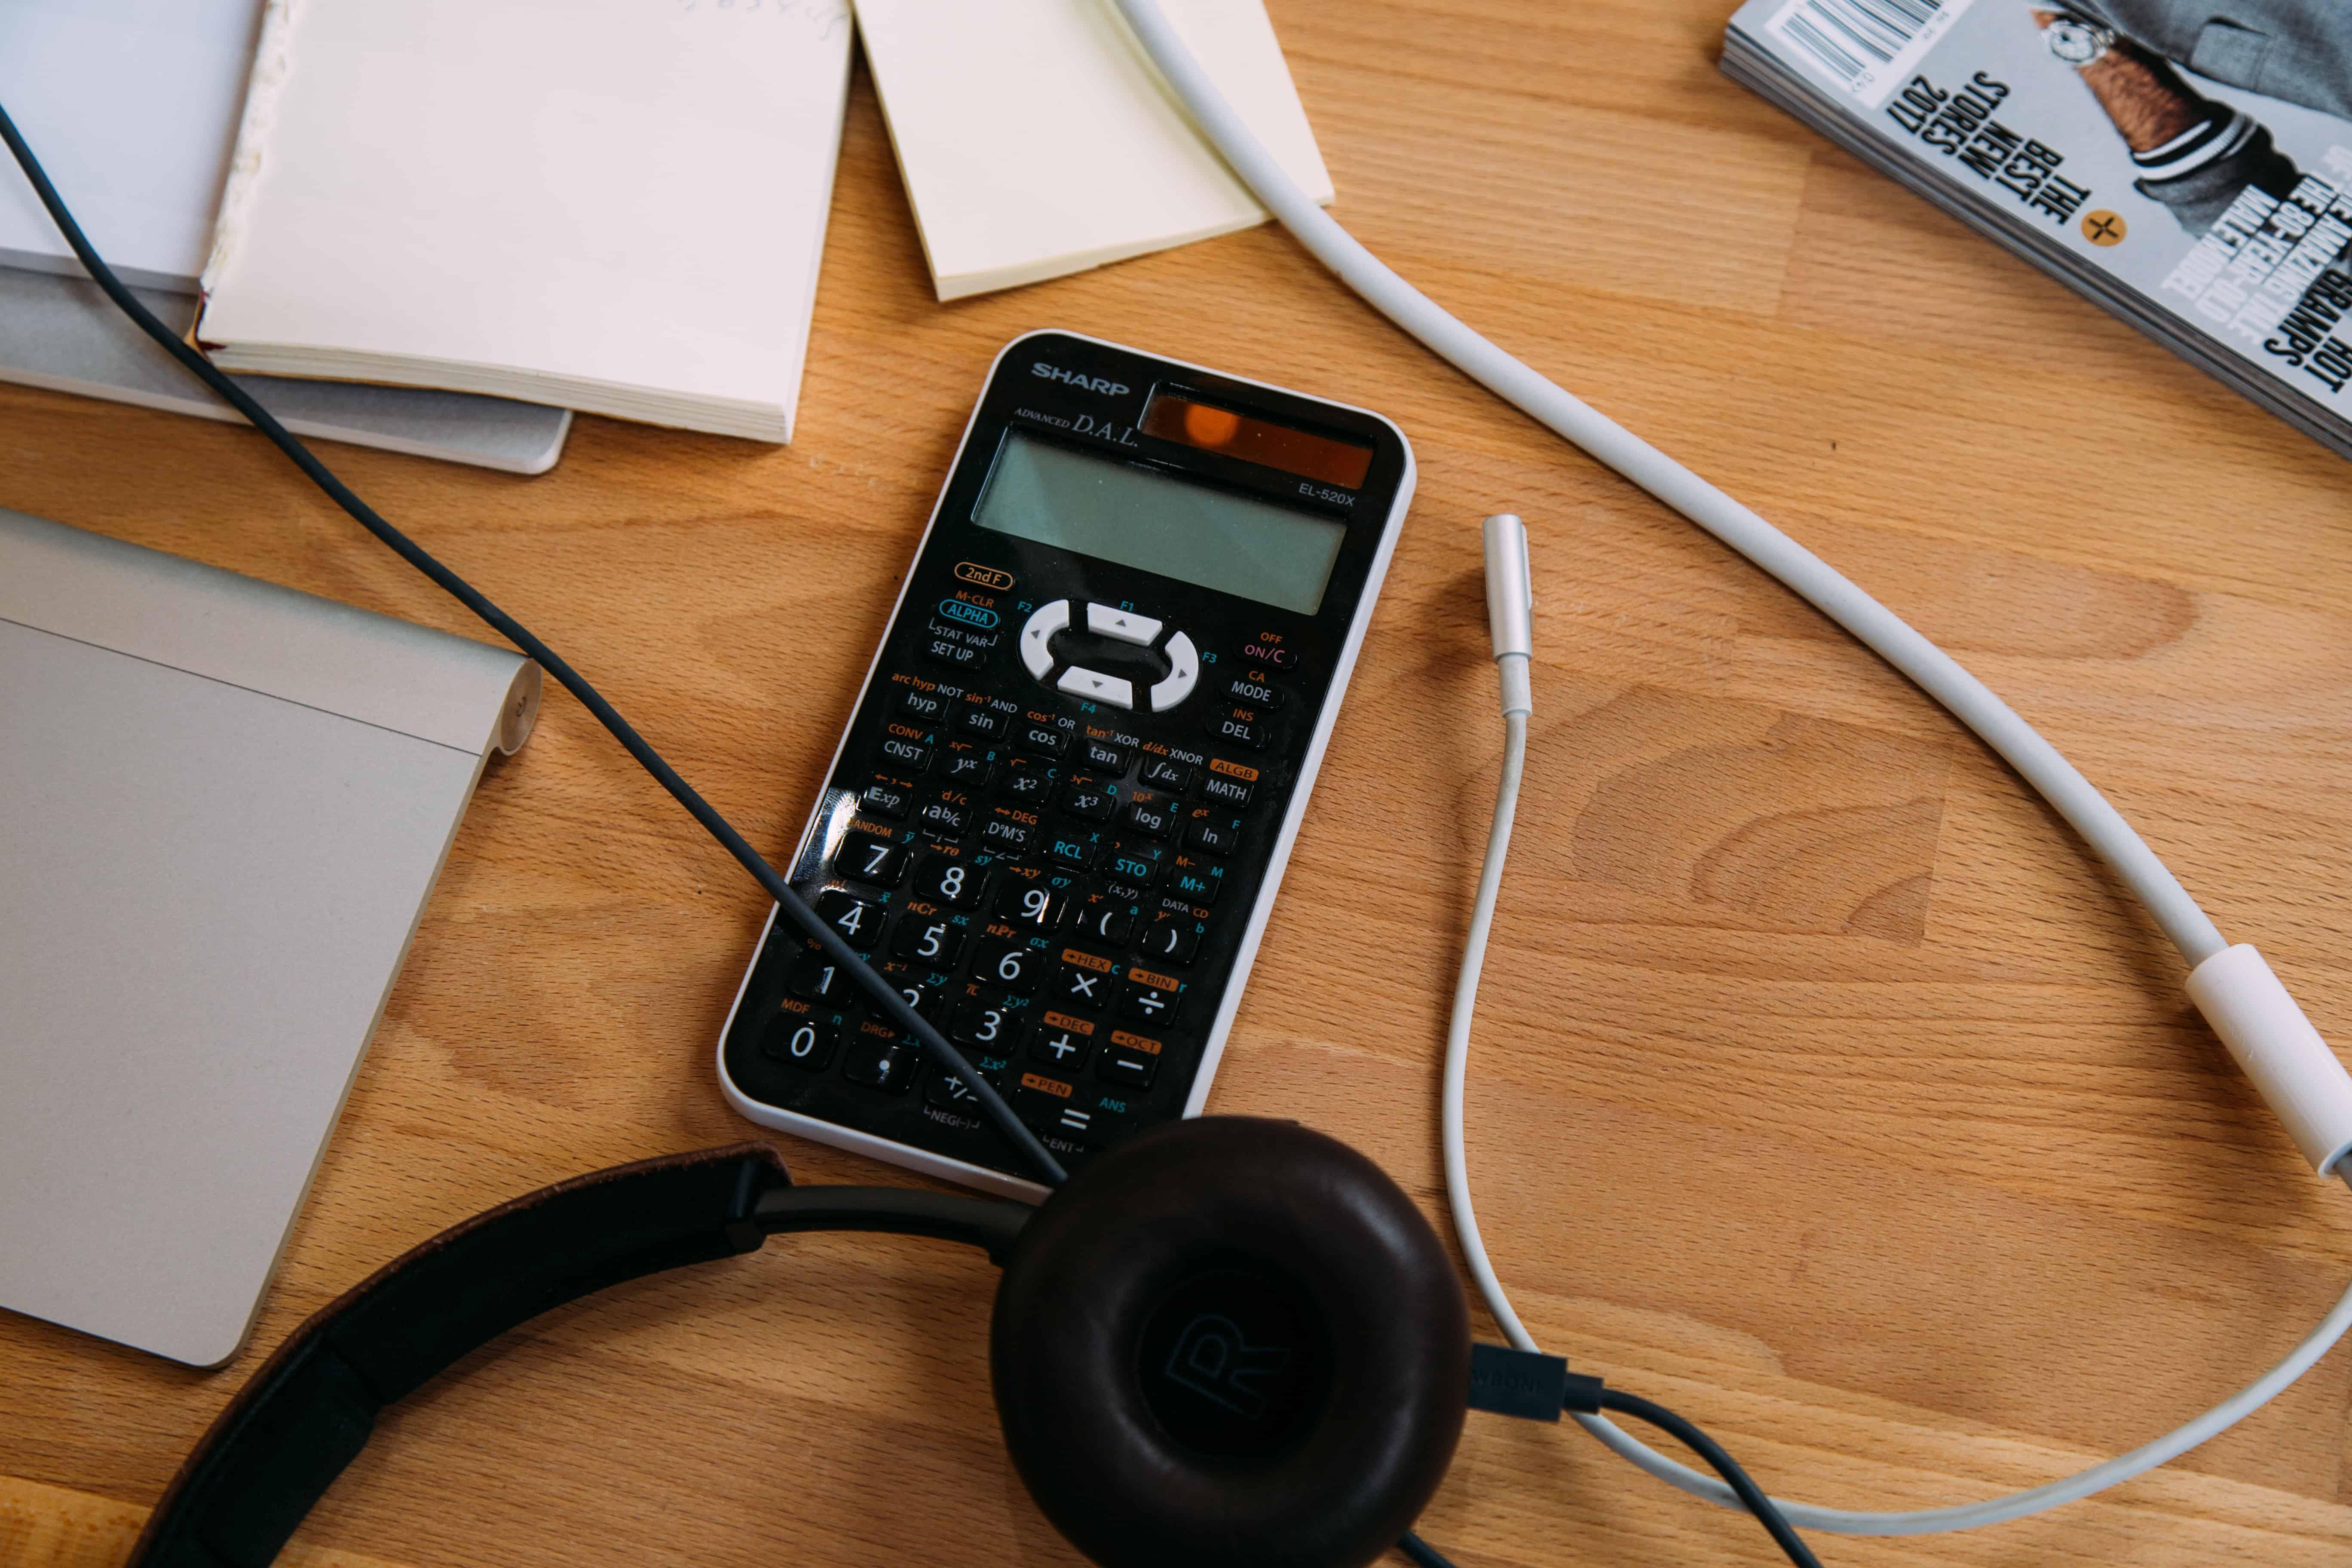 Taschenrechner: Test & Empfehlungen (01/20)